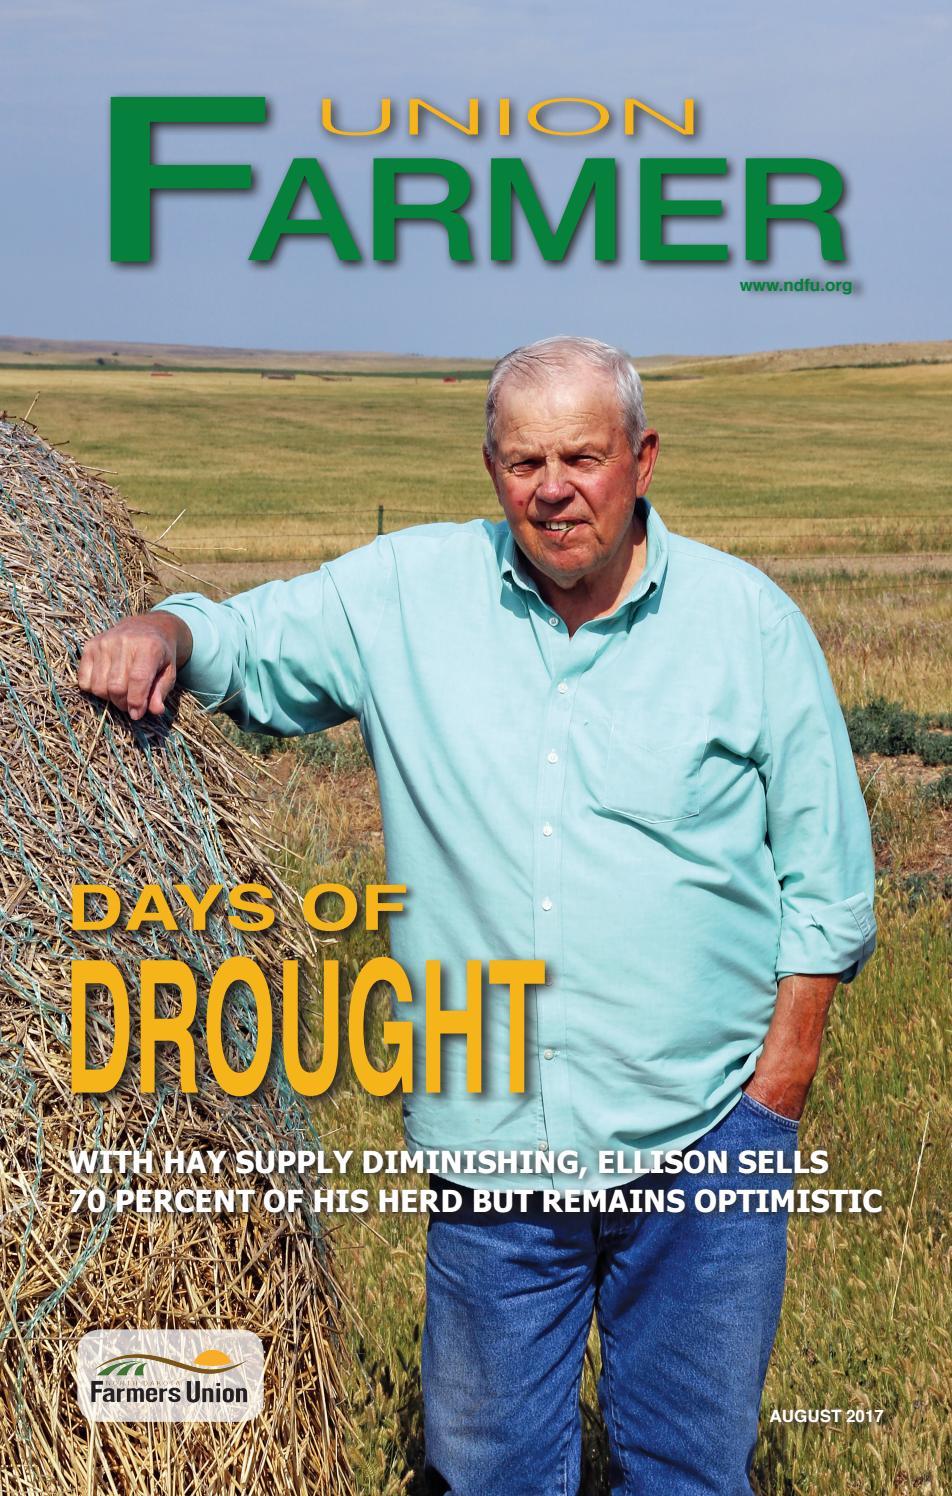 Union Farmer - August 2017 by North Dakota Farmers Union - issuu